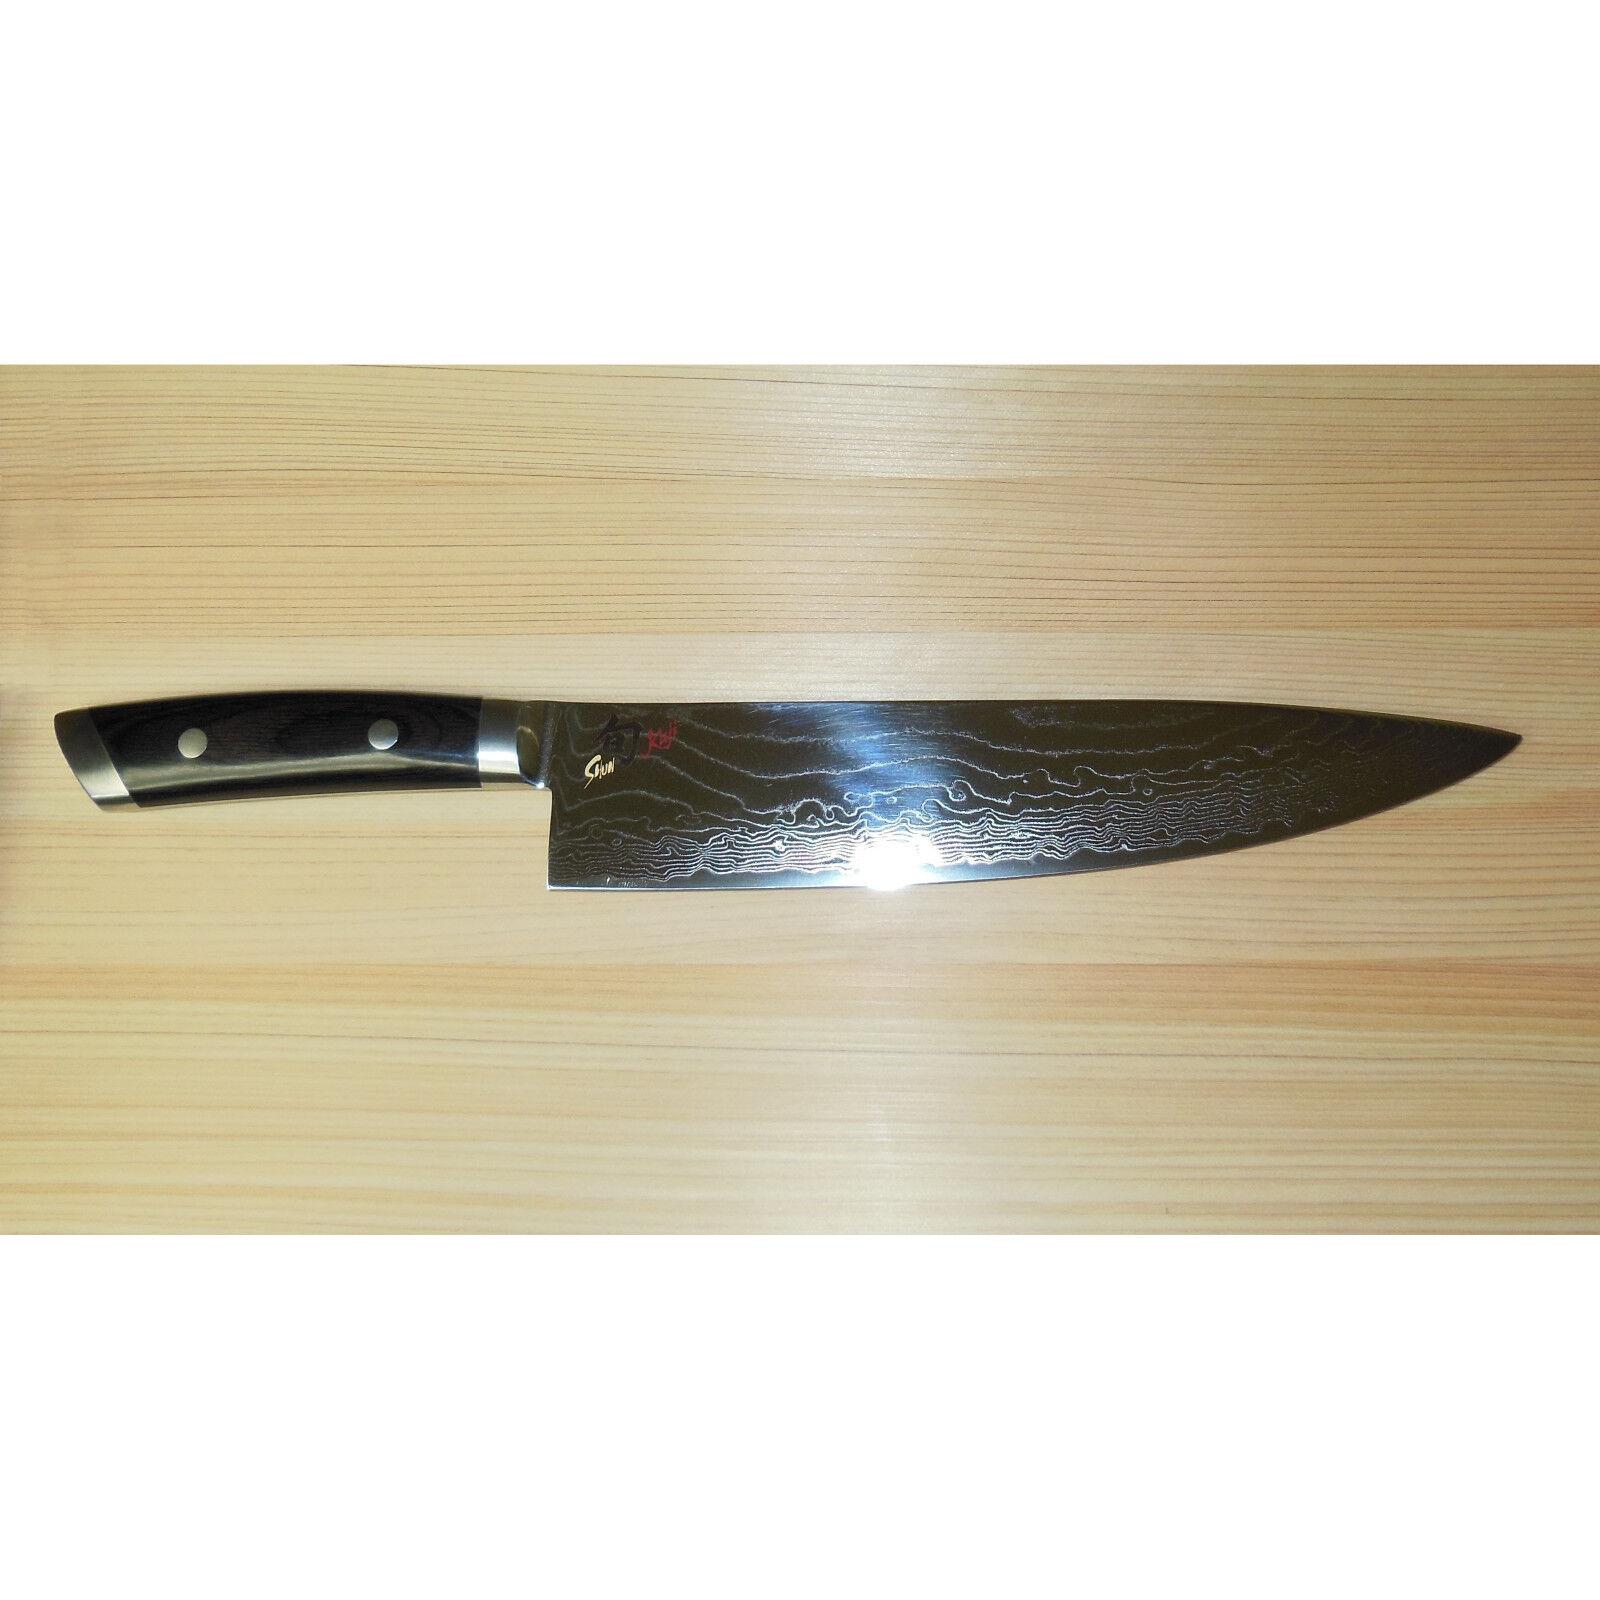 Nouveau Shun Kaji 10  chef couteau KDM0007 Kai Kershaw Japon SG2 Damas Kochmesser